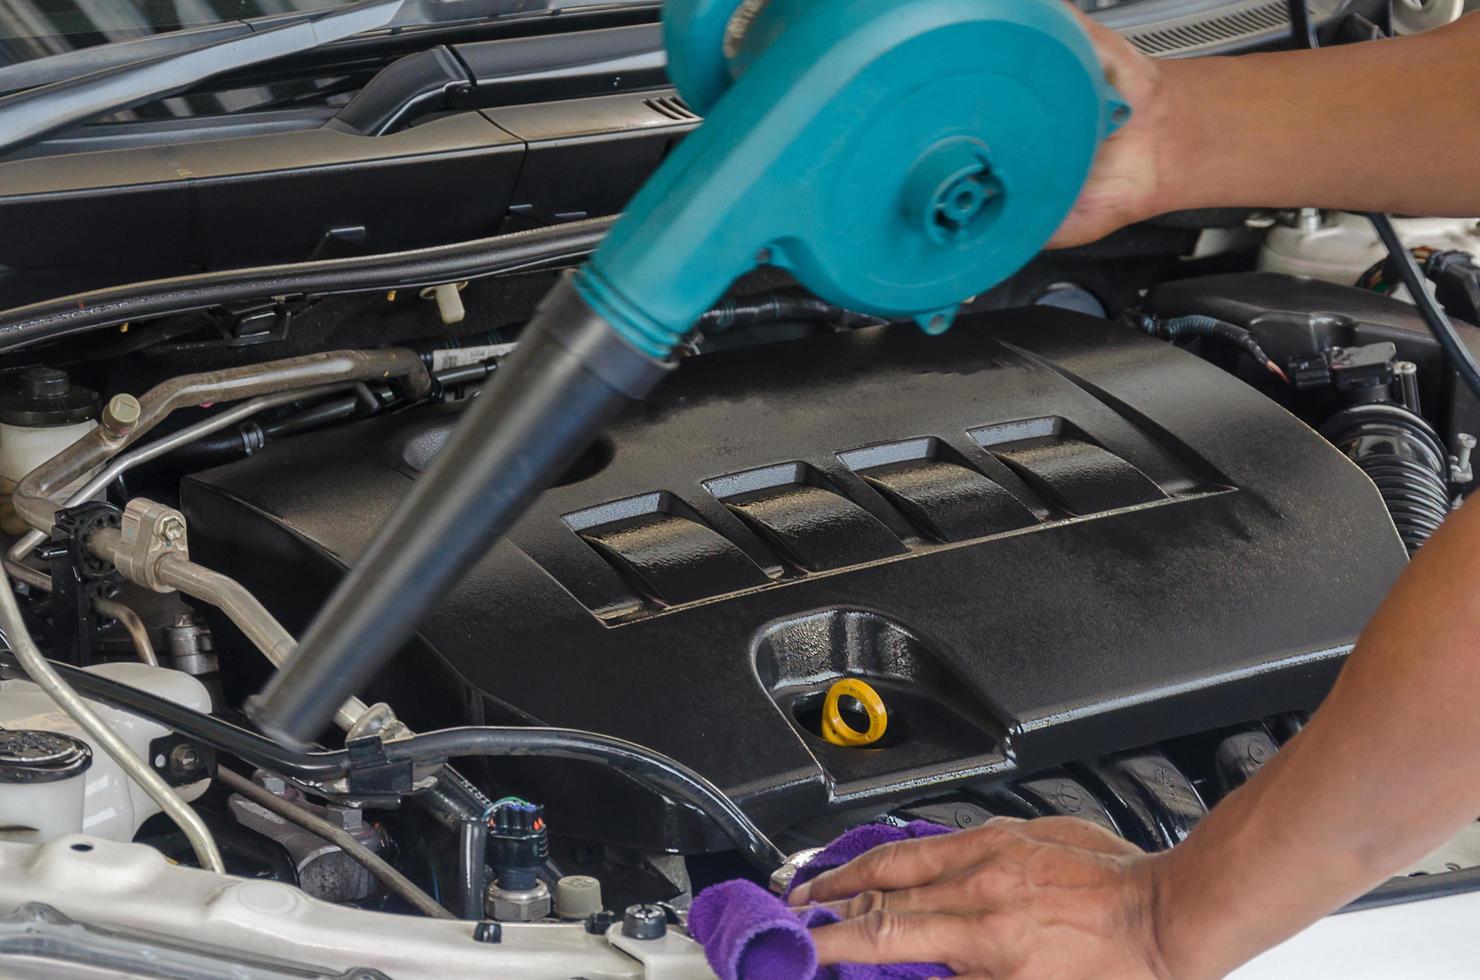 limpieza del motor del coche foto